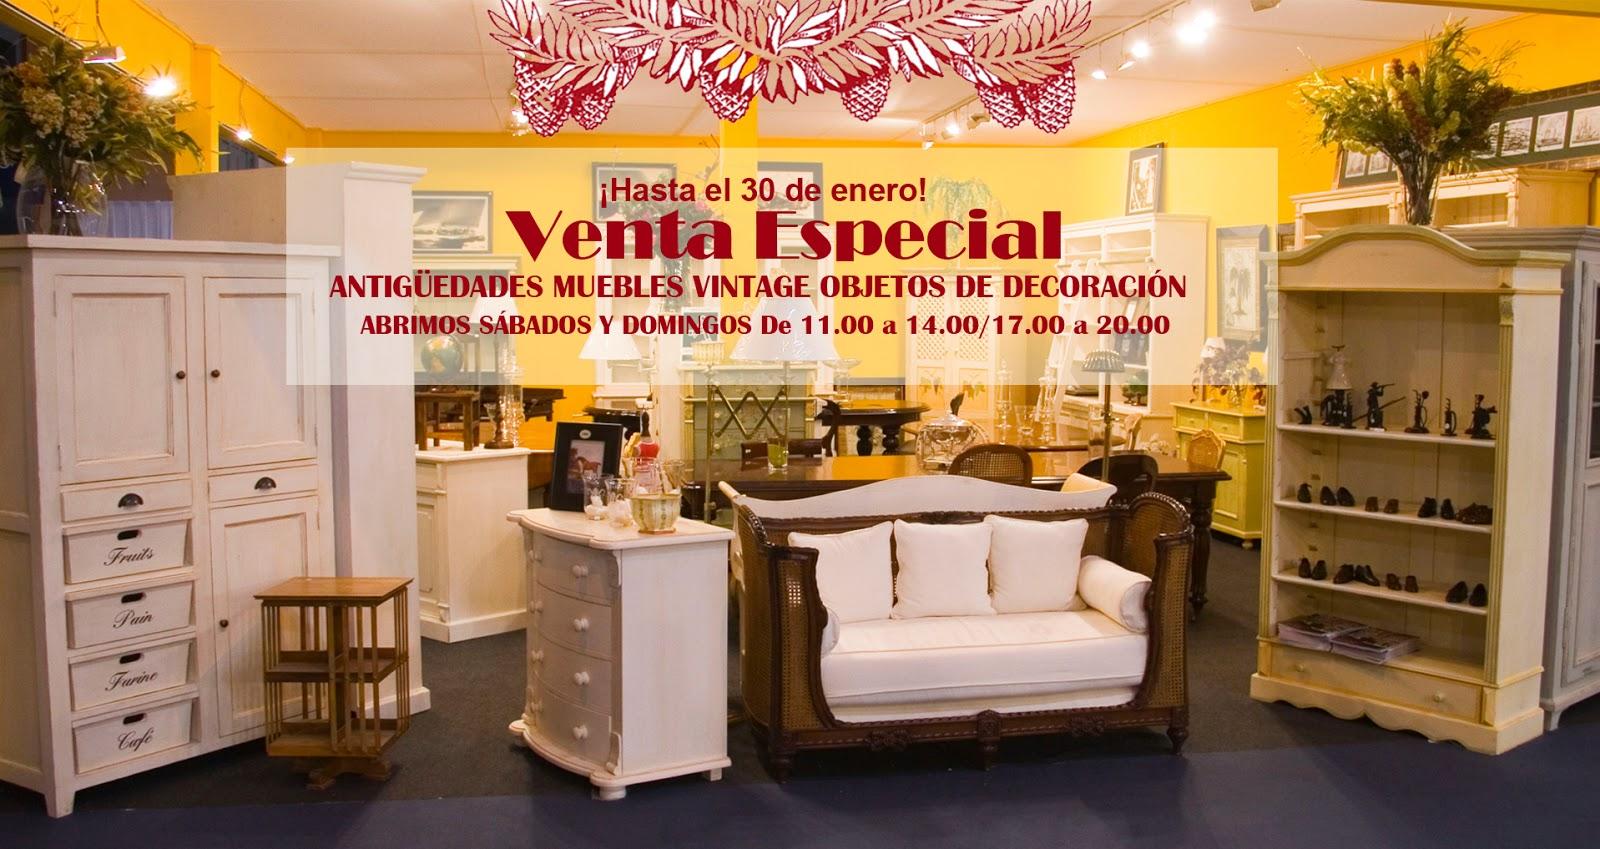 ¡Tendremos nuestra Venta Especial de Navidad hasta el 30 de Enero! Chimeneas de mármol antiguas mesas de comedor de caoba maciza, sillas isabelinas, objetos de decoración espectaculares y nuestros ya conocidos muebles vintage.